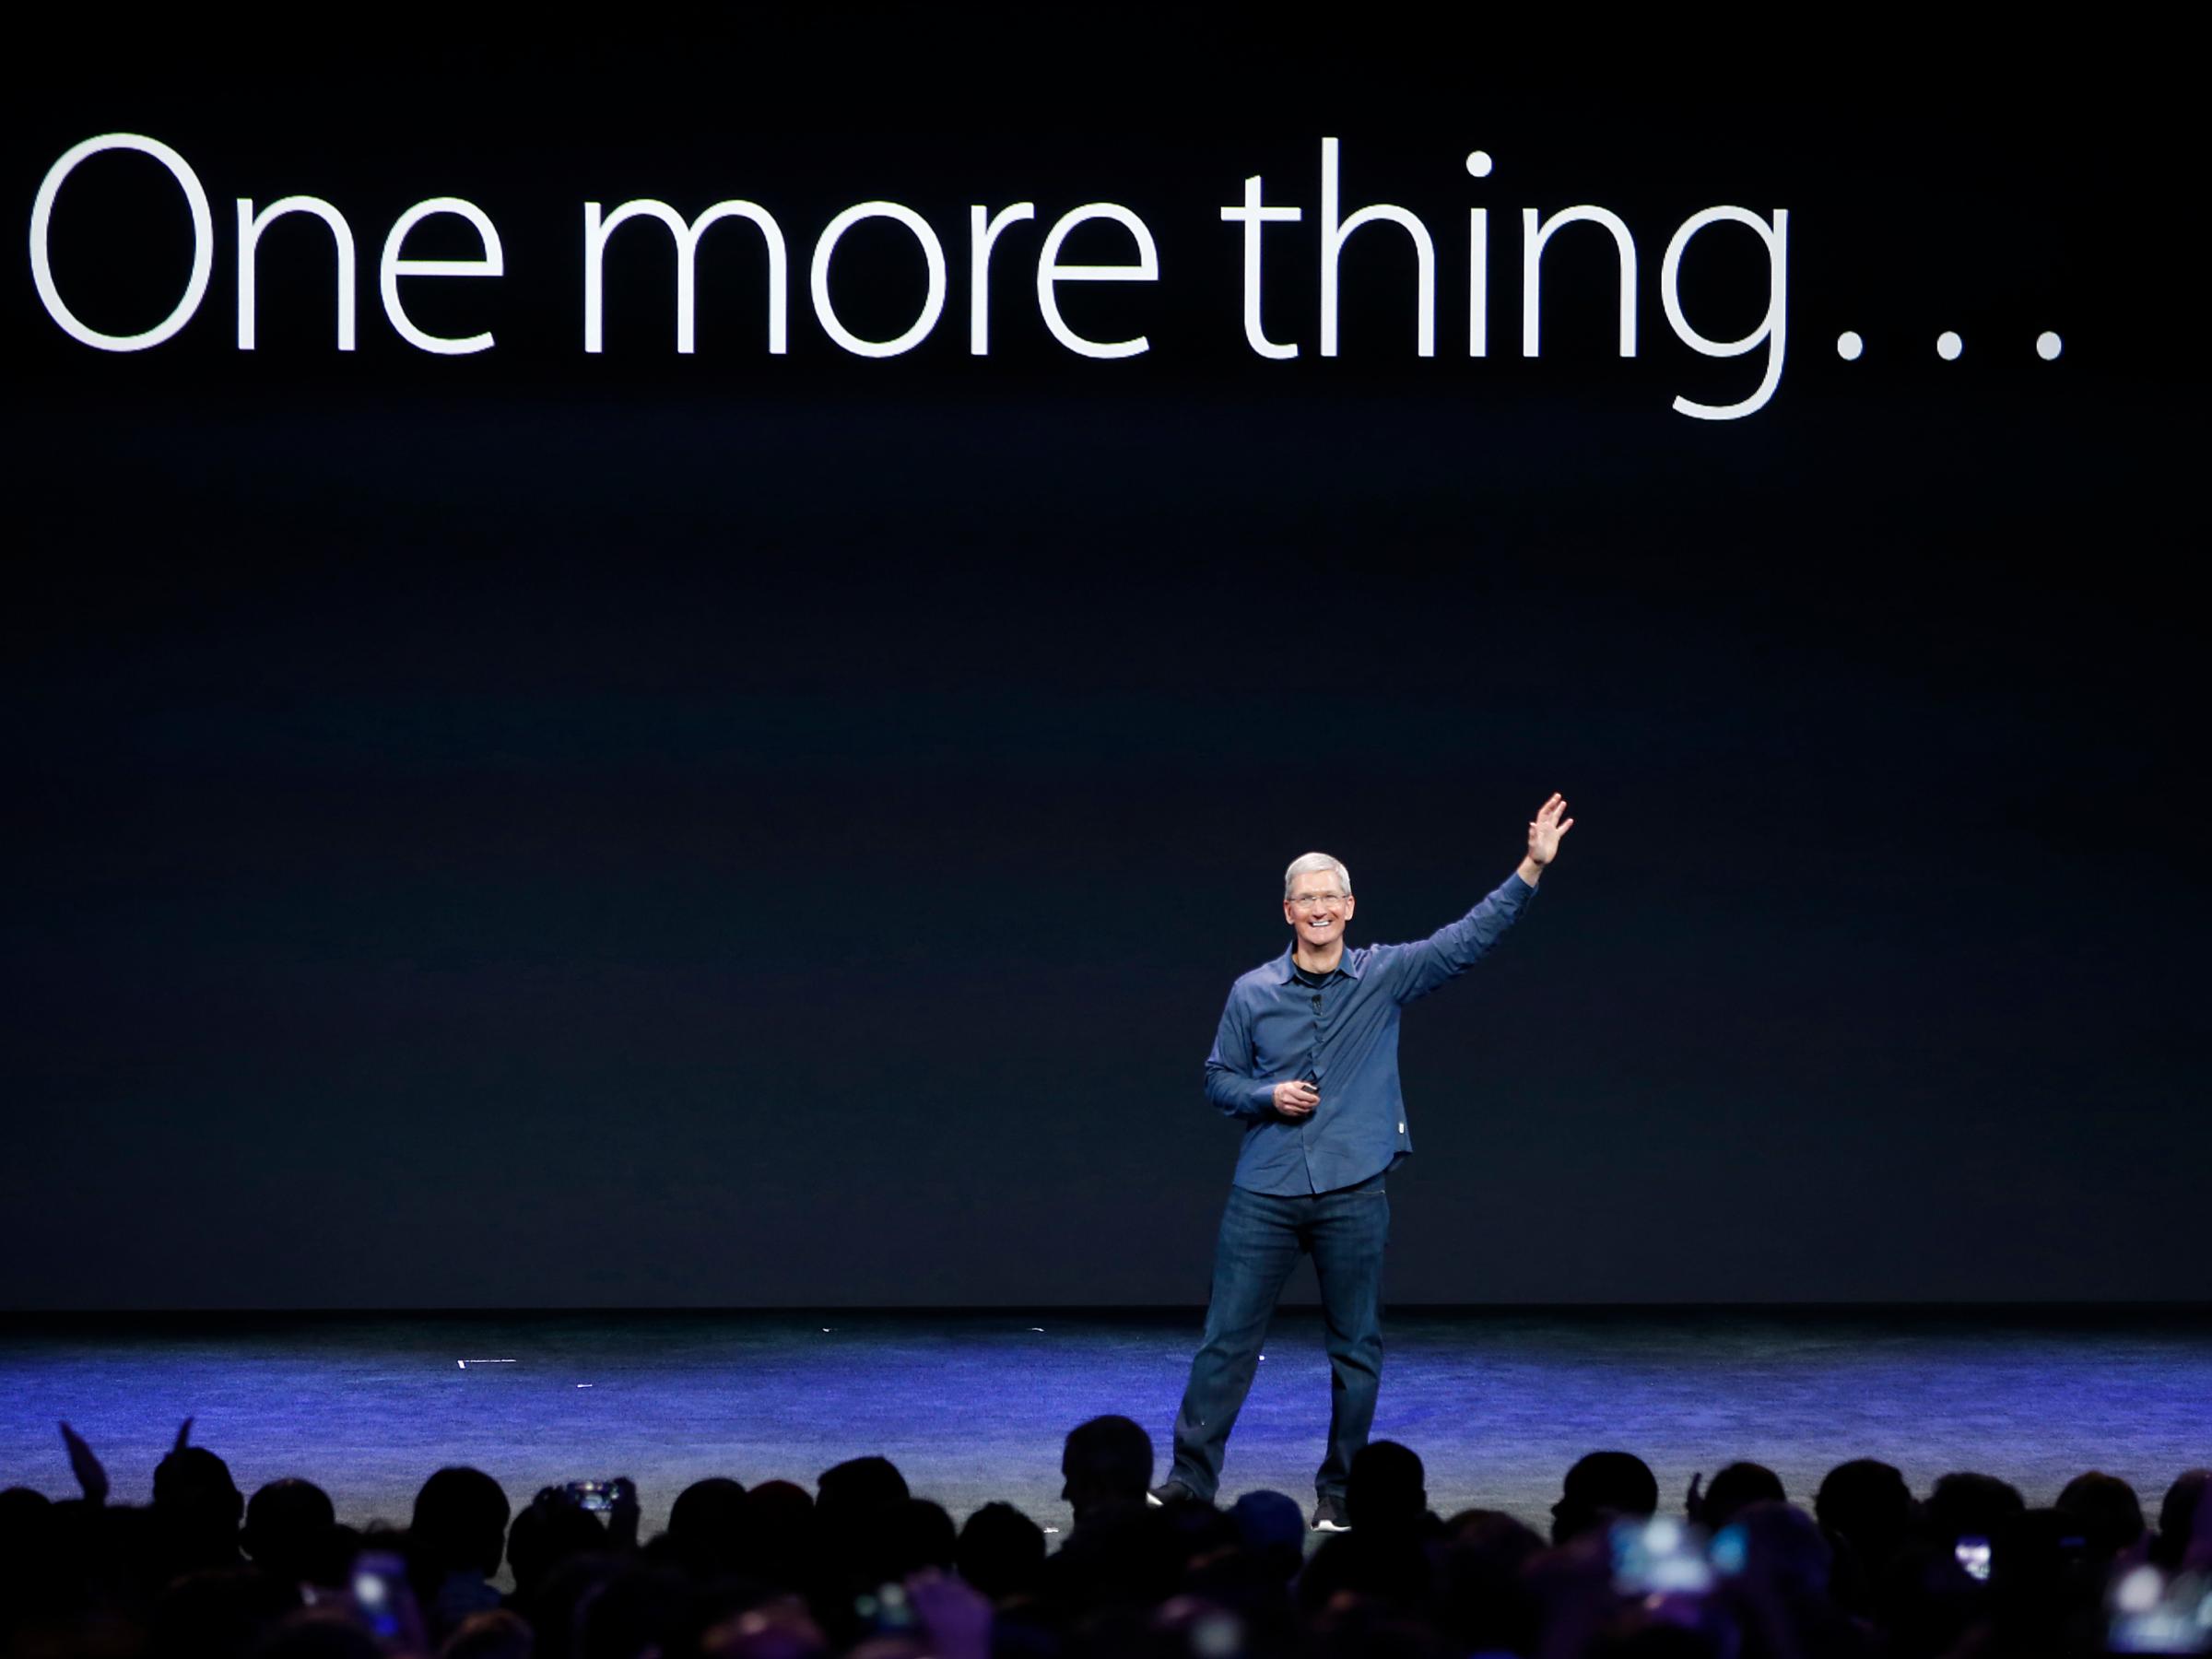 Картинка из статьи Тим Кук признался, что Apple работает над новой вычислительной платформой